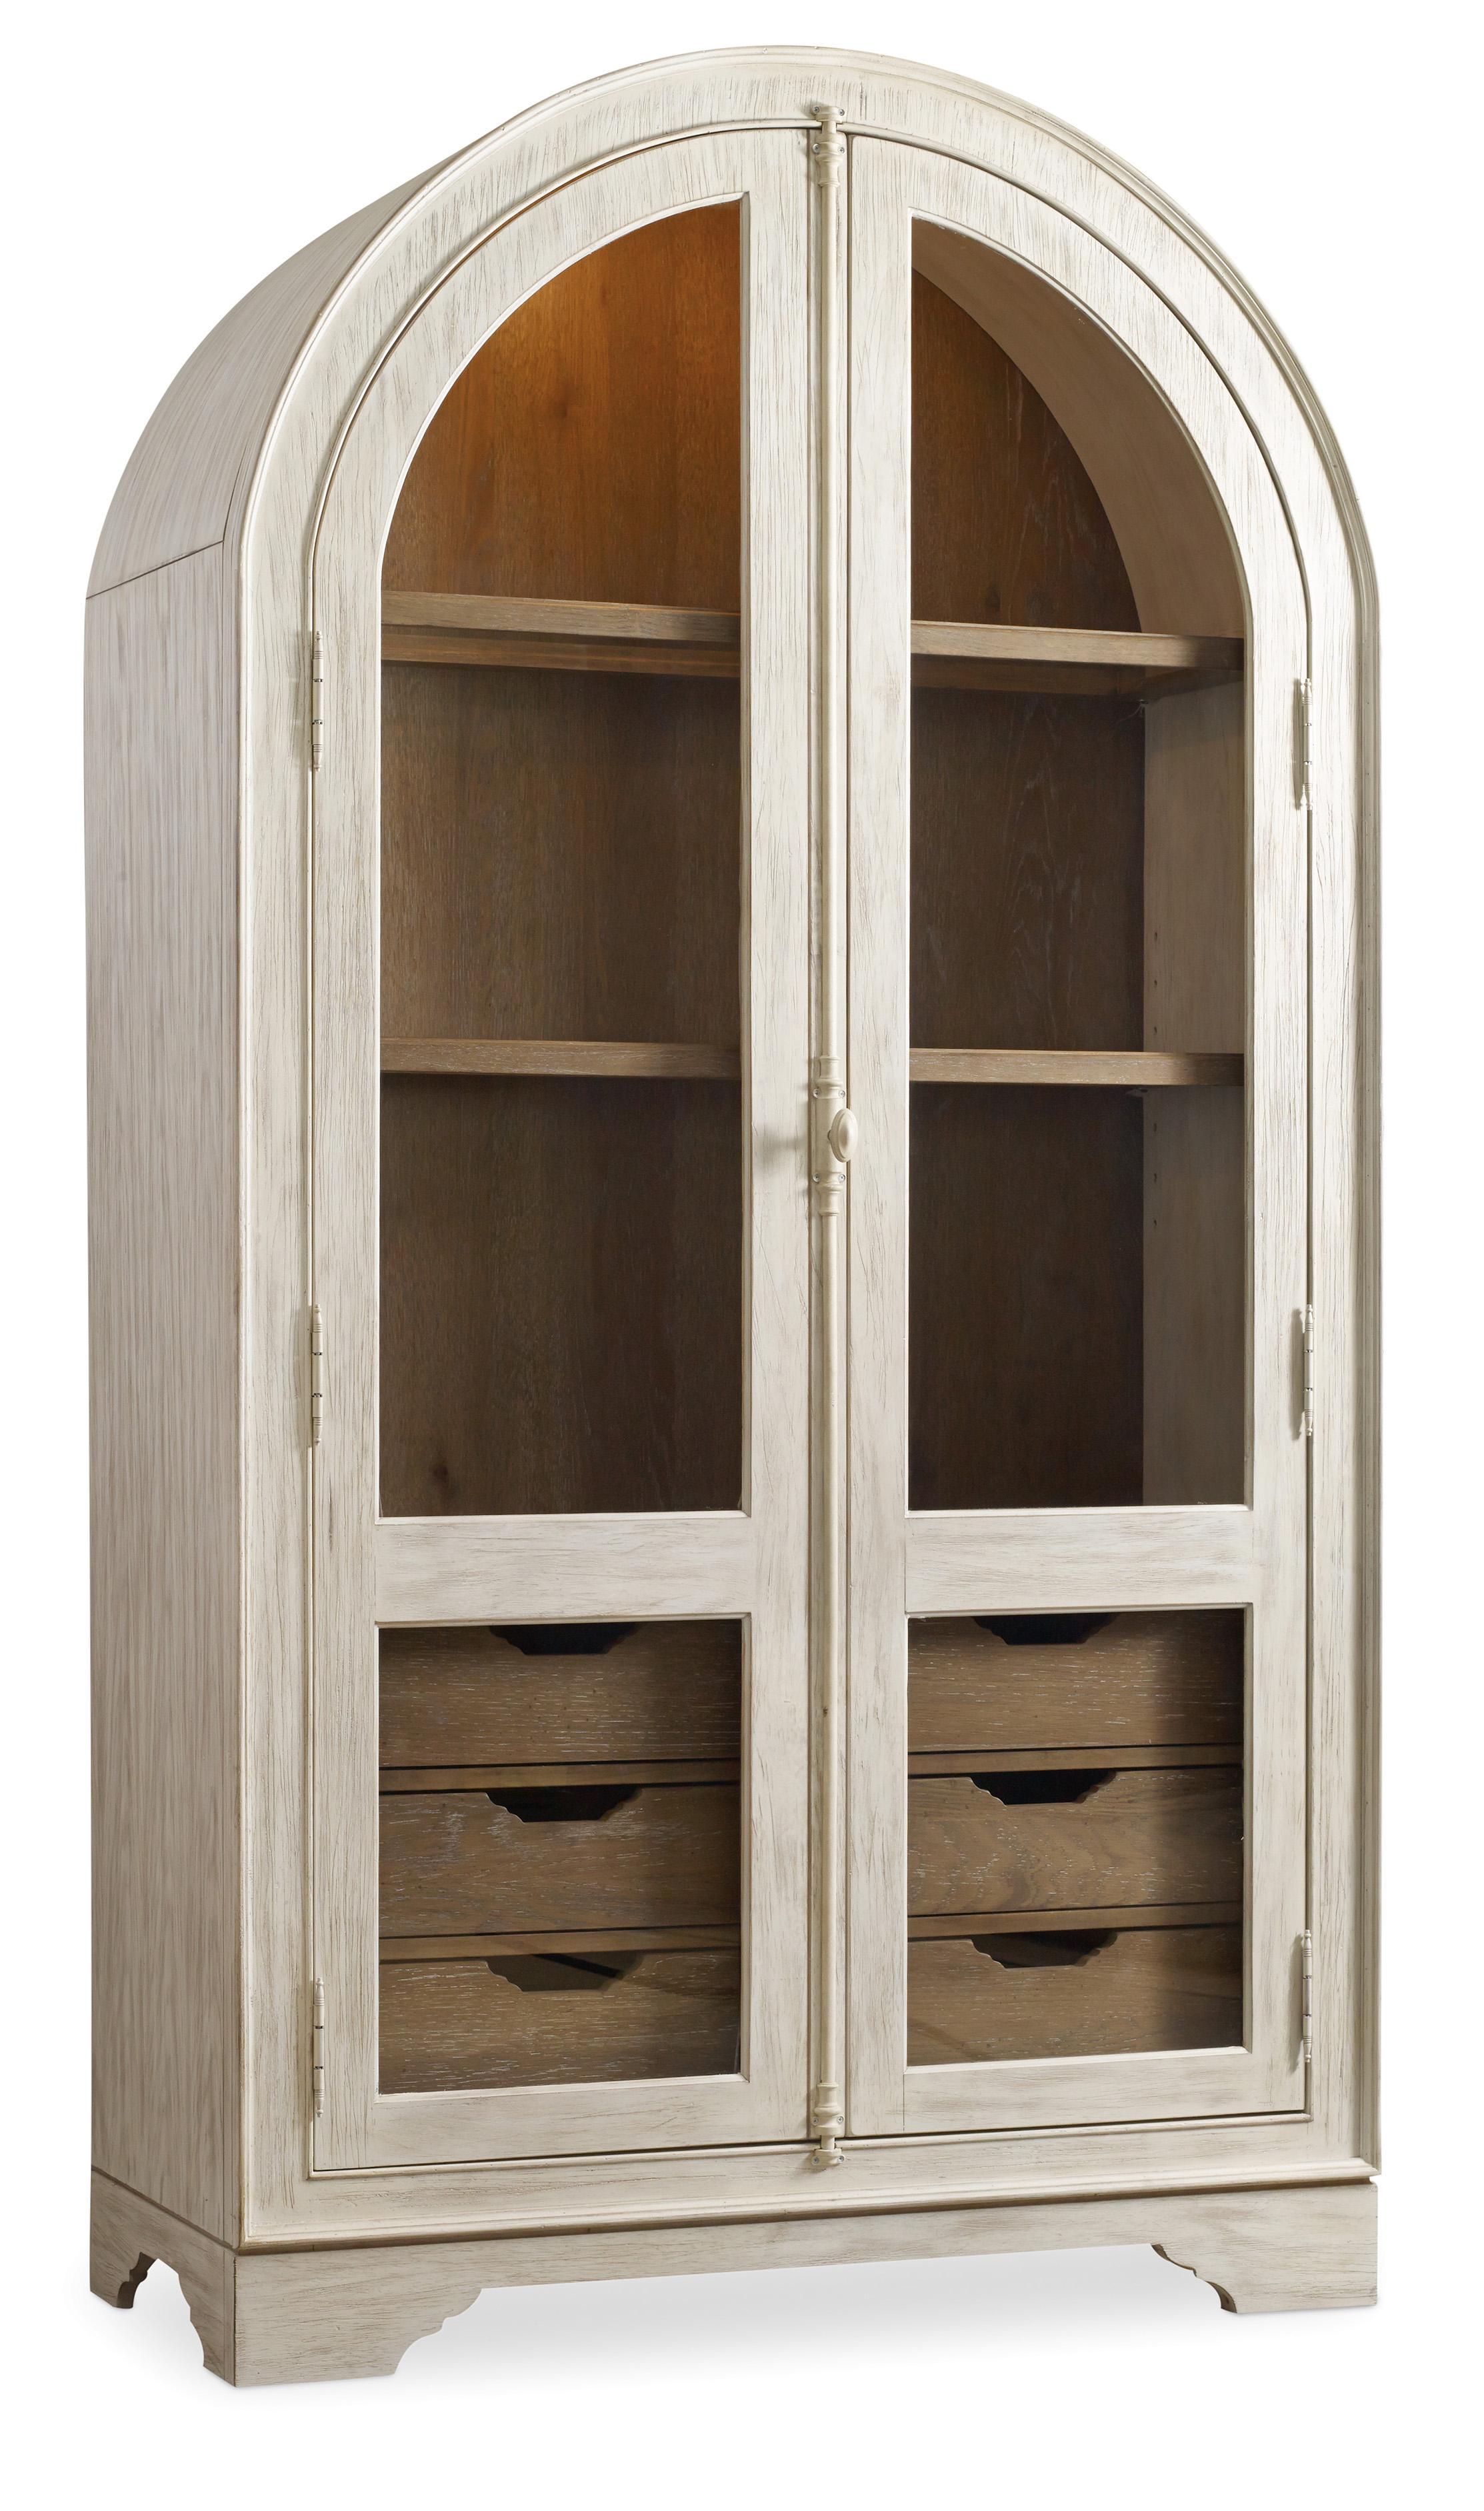 Hooker Furniture Sunset Point Display Cabinet - Item Number: 5325-75908